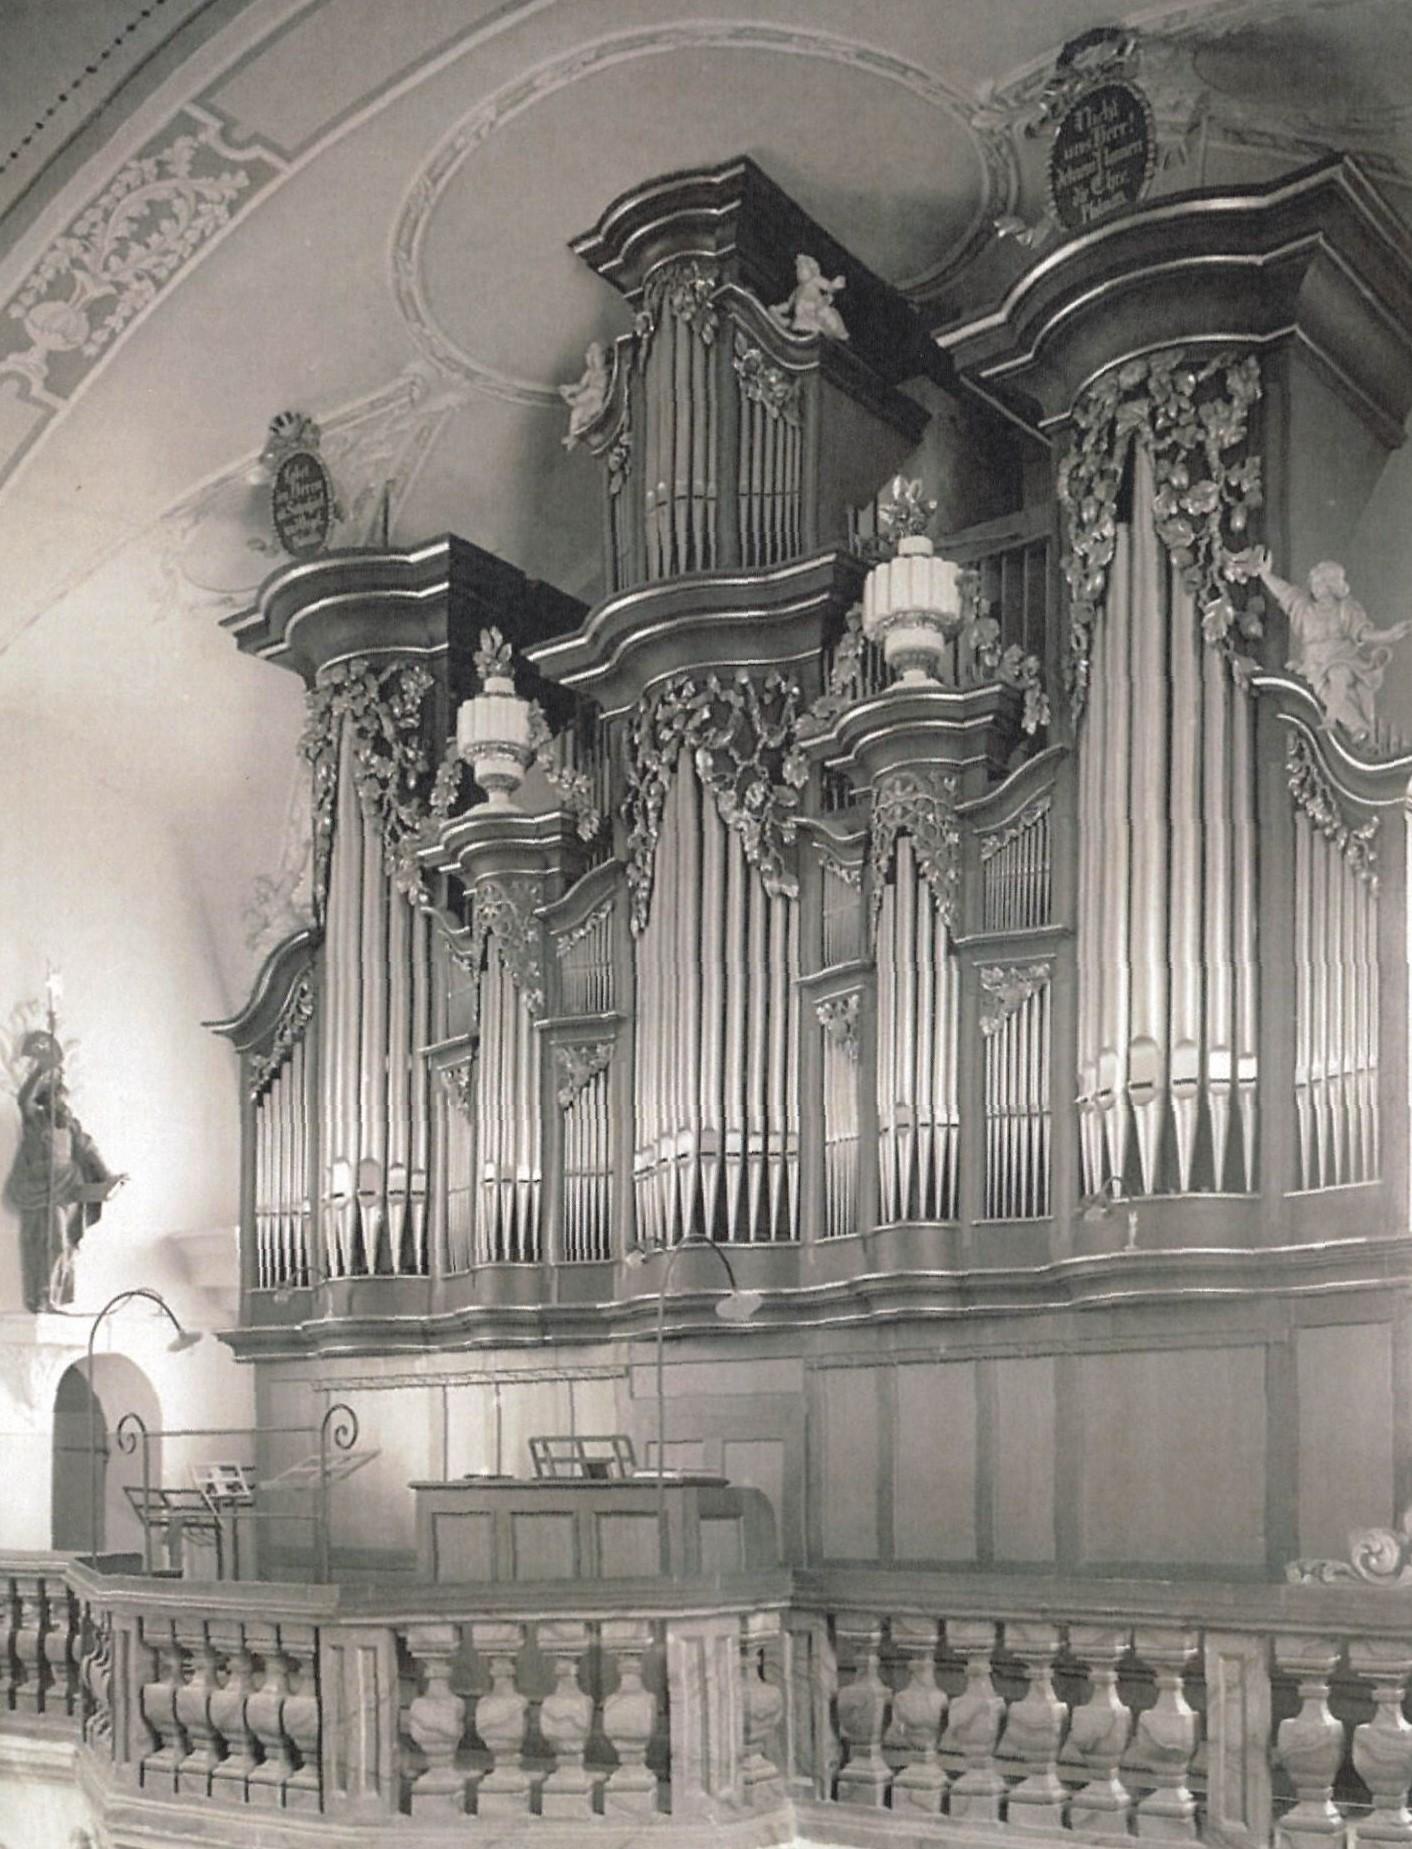 (c) 1970 Orgel Pfarrkirche Heilig Kreuz (Orgelbau Späth/Rapperswil) Zustand bis zur Renovierung 1970